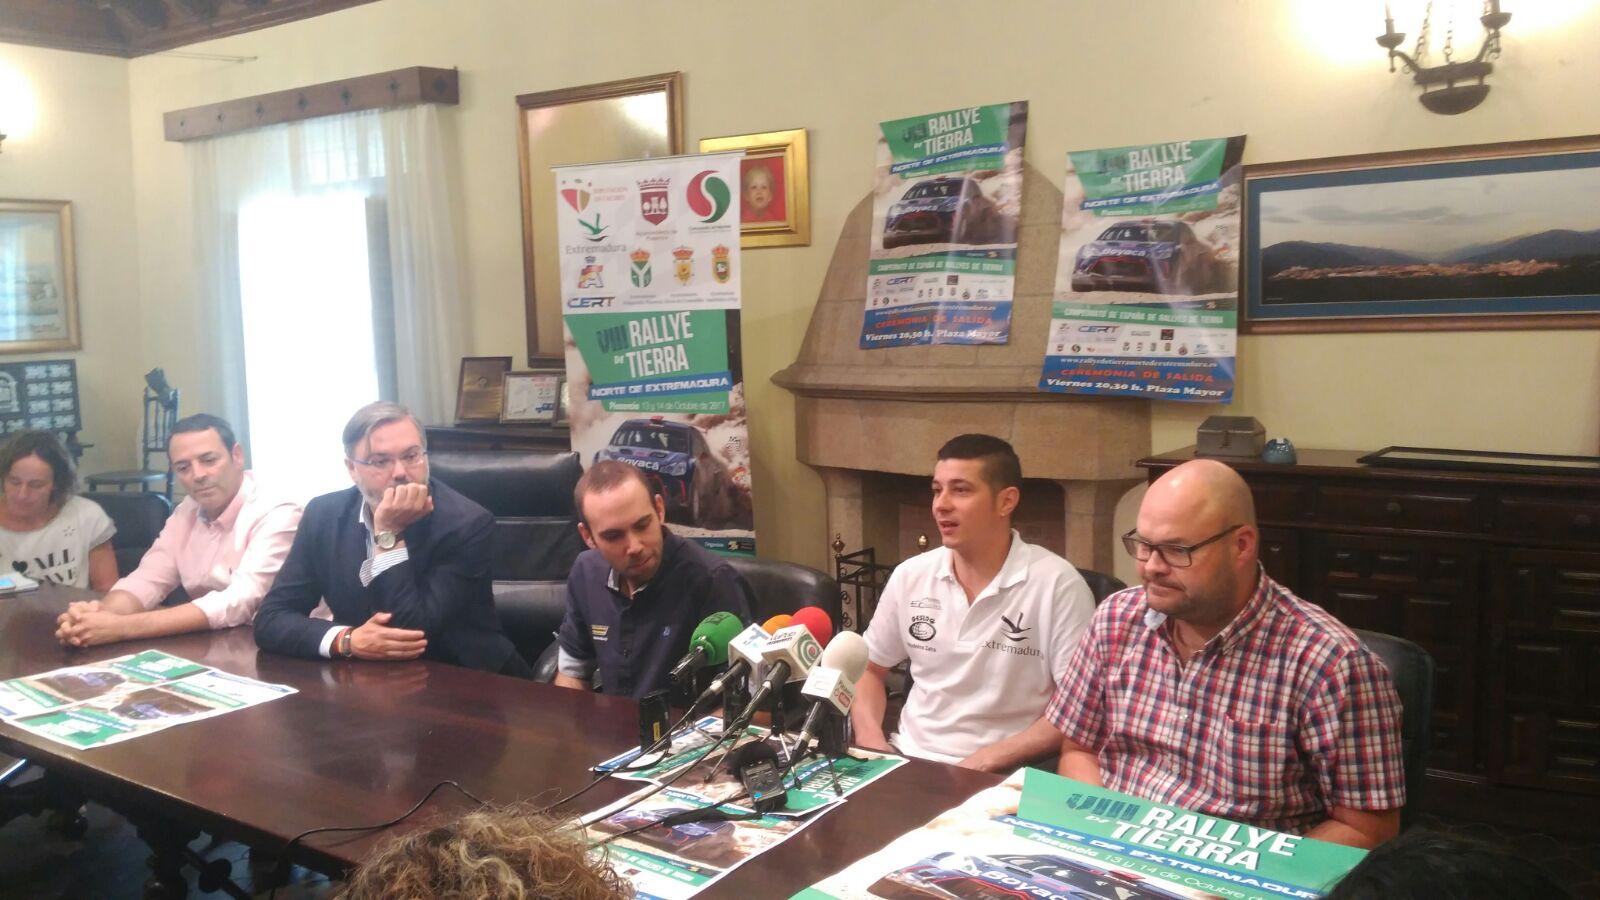 Presentado el VIII Rallye de Tierra Norte de Extremadura (1)